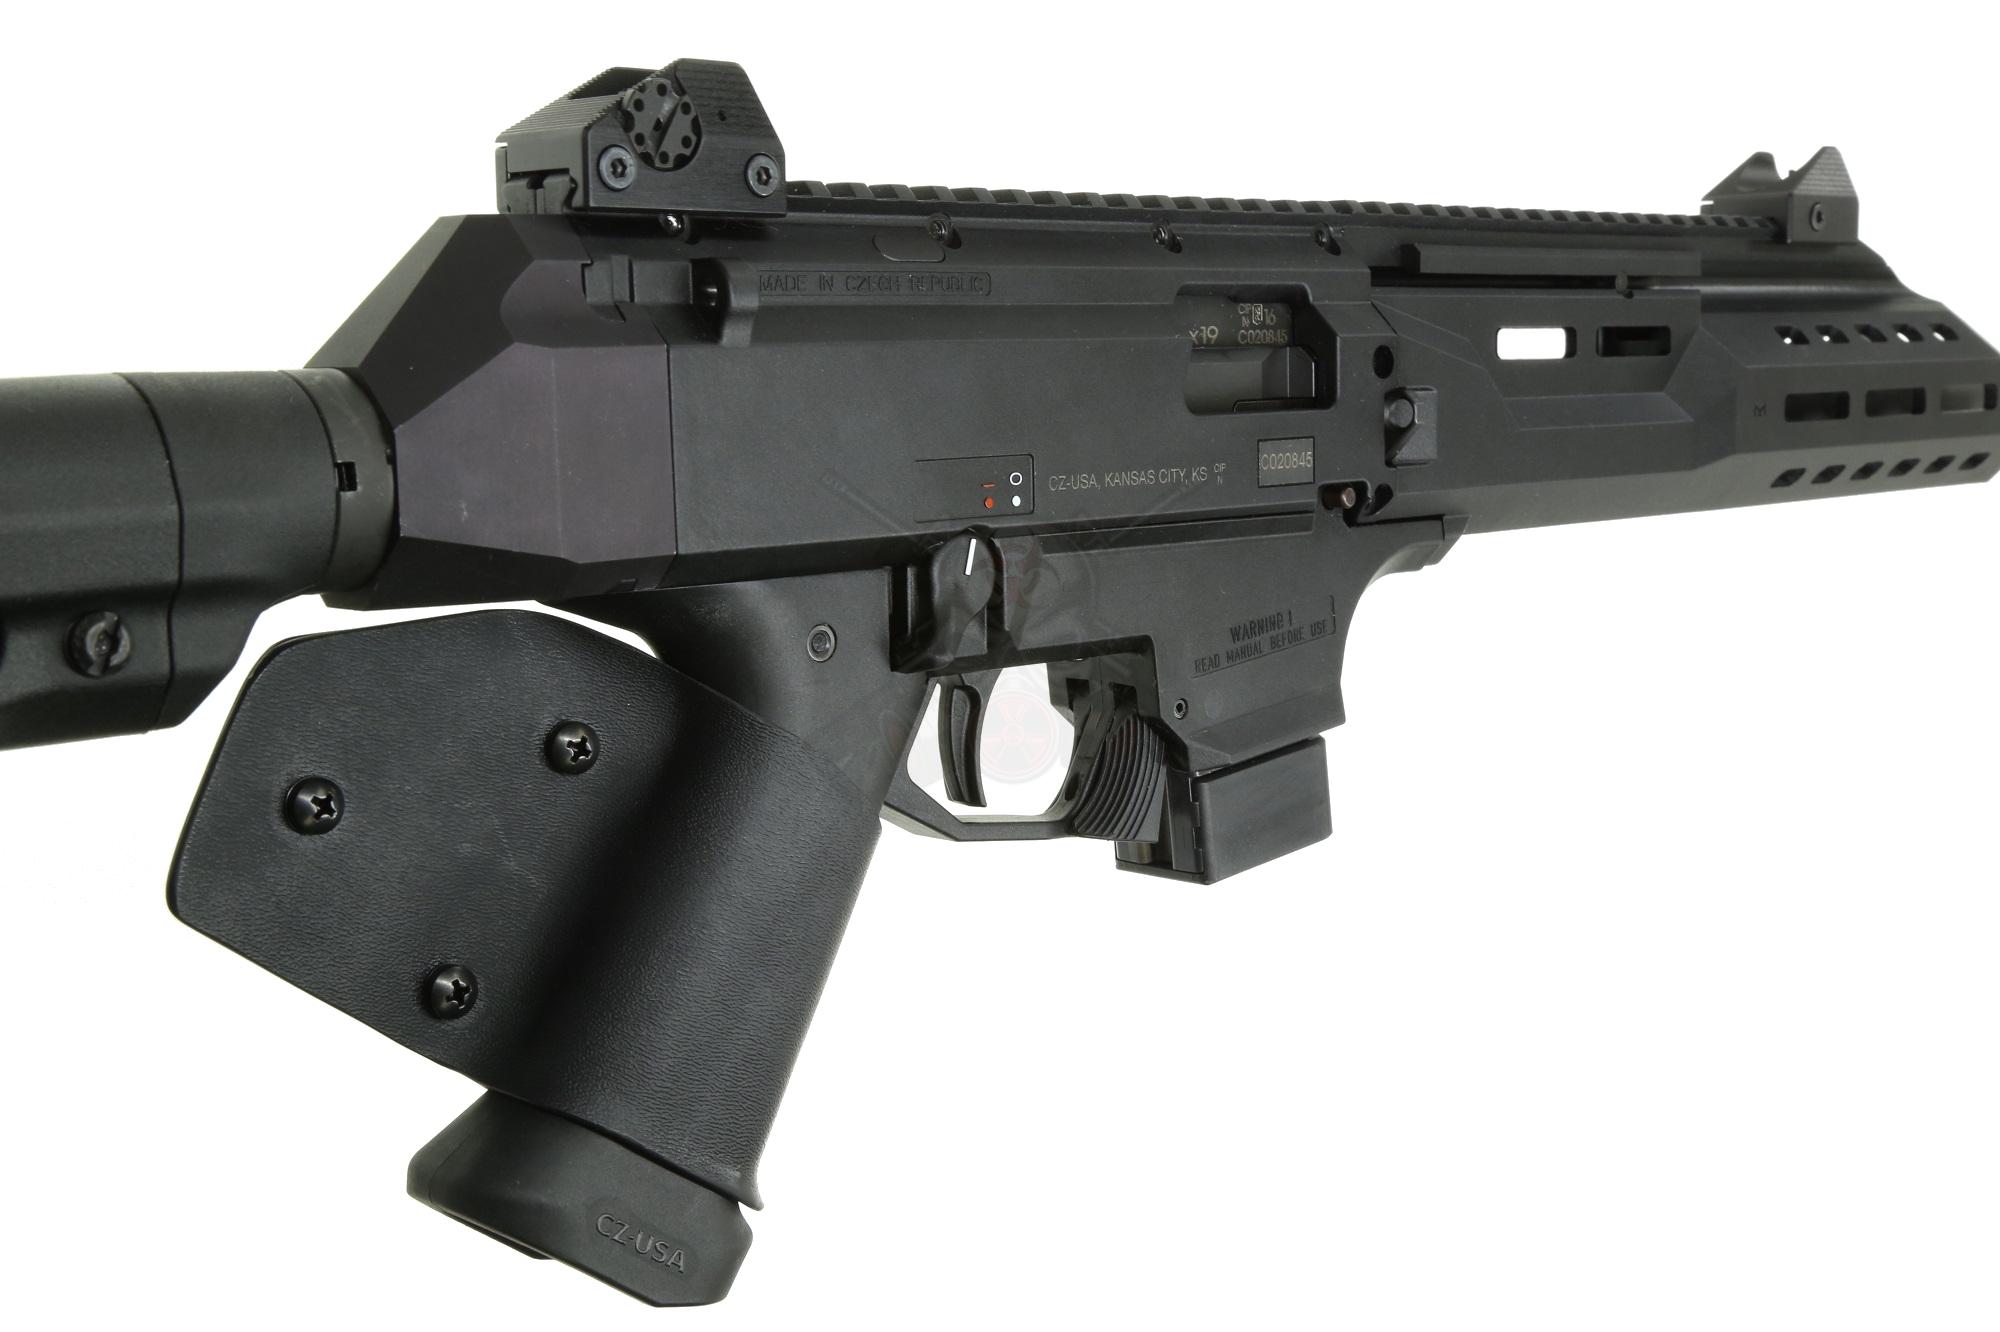 CZ SCORPION 9mm CARBINE CA LEGAL 16 2